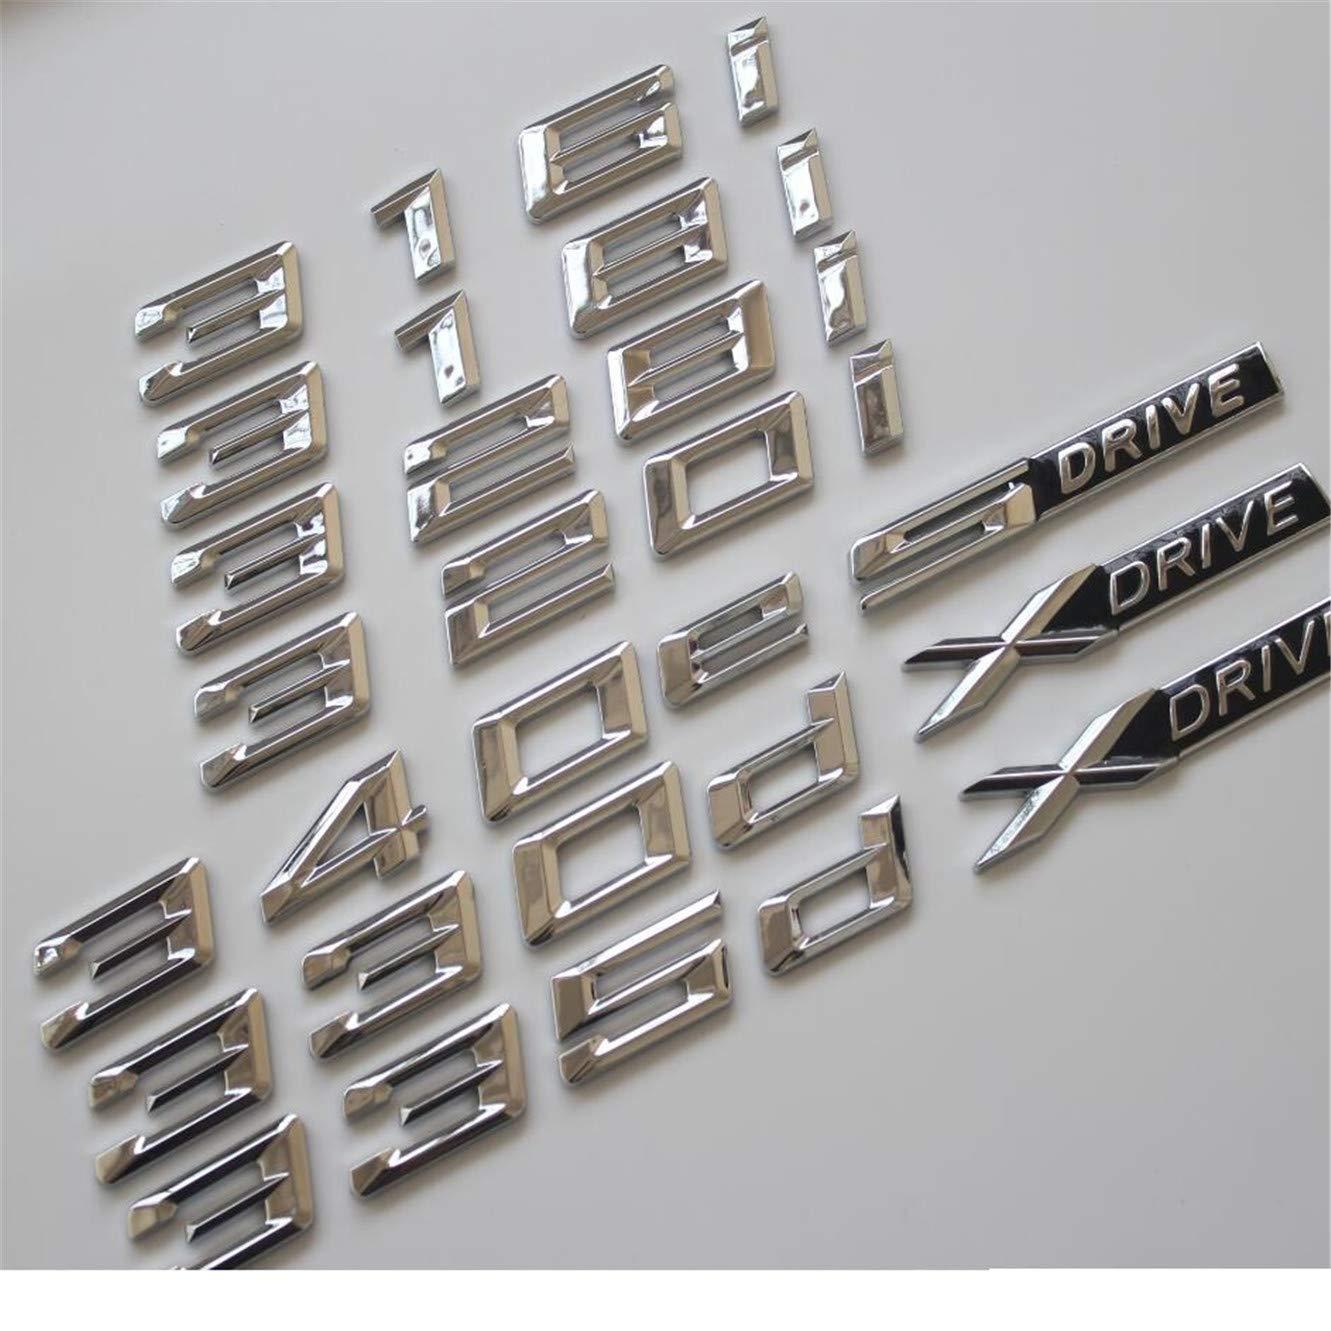 Stemma per Cassetta delle Lettere cromate F30 F35 F80 F31 320i 330i 340i 318i 316i 328i 335i 330d 335d 340e XDrive DGF HGF